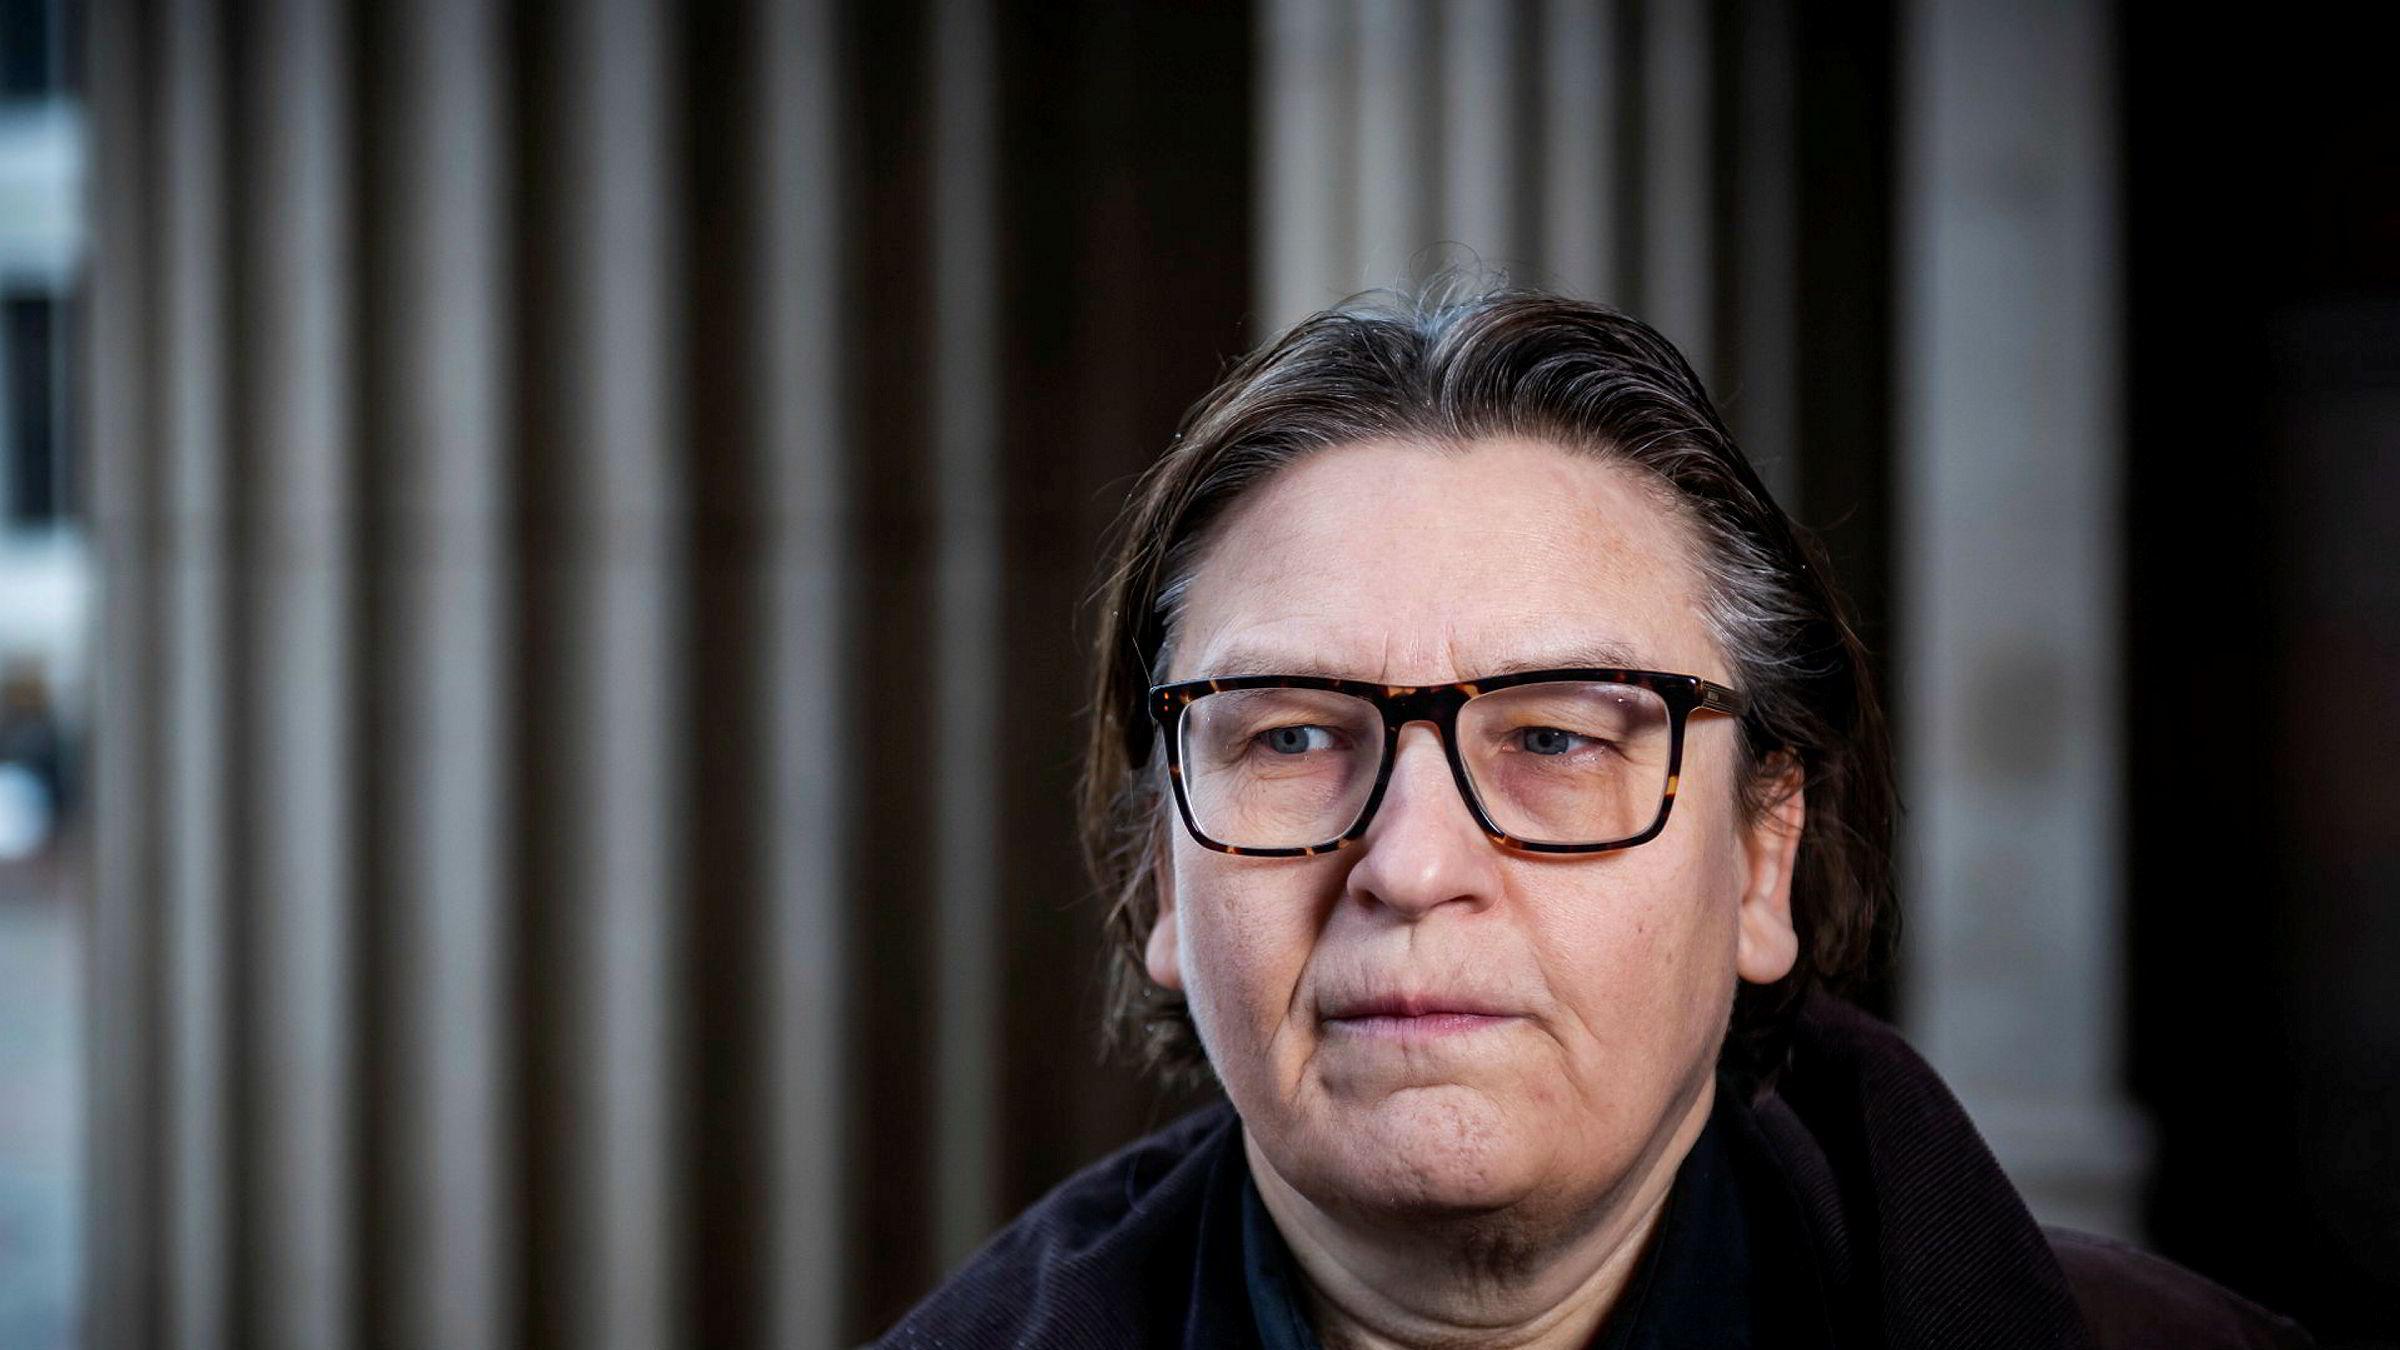 Dekan Ragnhild Hennum ved Det juridiske fakultet ved Universitetet i Oslo er tydelig på at en opprydning trengs etter funnene i Juristforbundets undersøkelse av diskriminering.